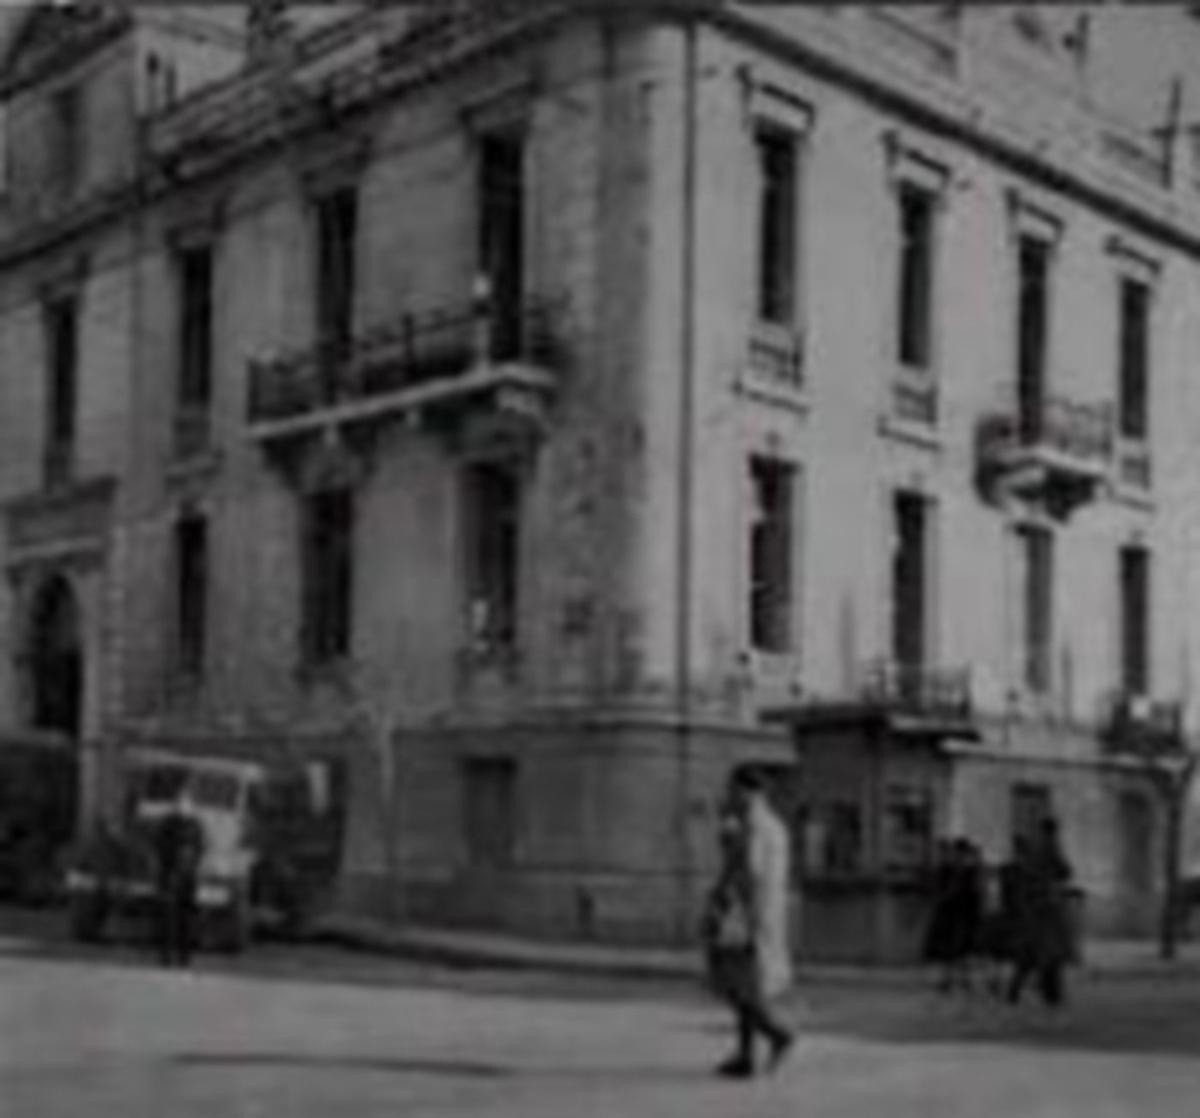 Βίλα Αμαλία: Από την εποχή των «χαστουκιών» στην εποχή των «καταληψιών» | Newsit.gr